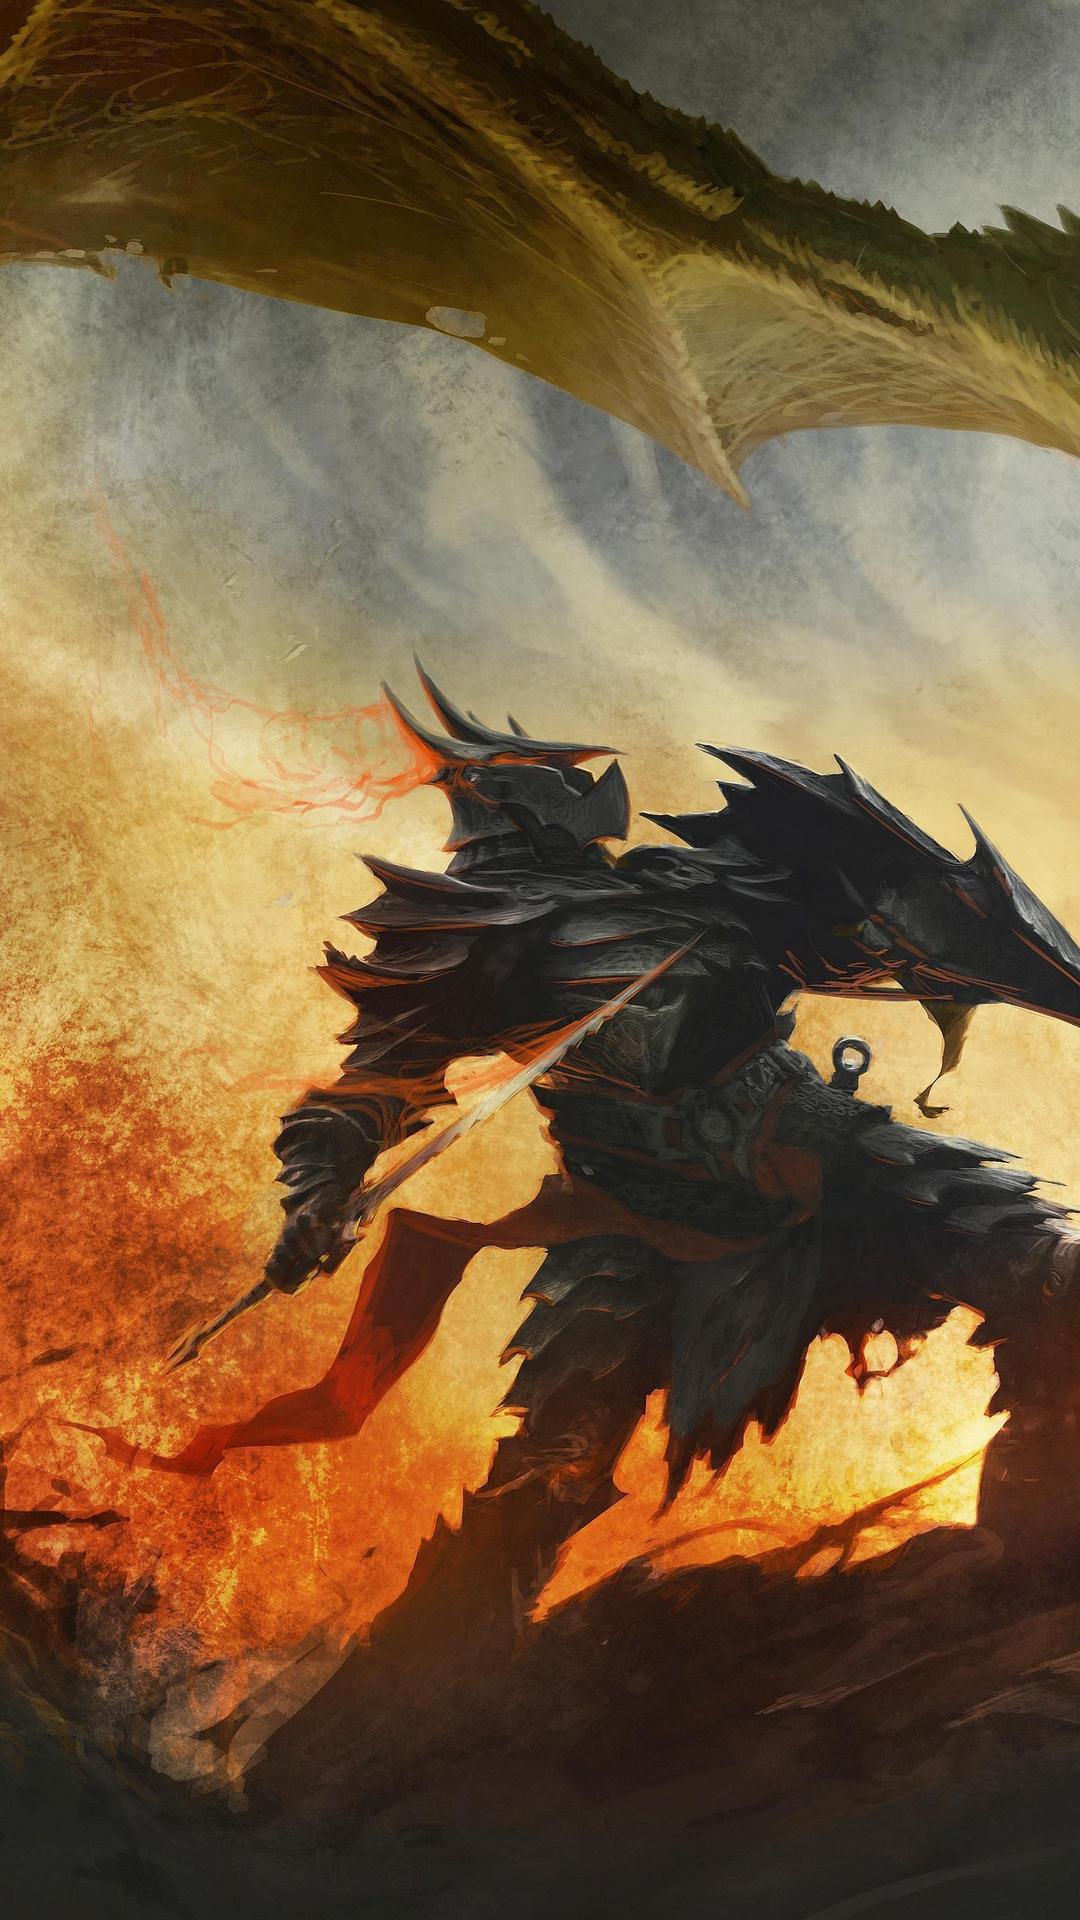 Hình nền chiến binh rồng